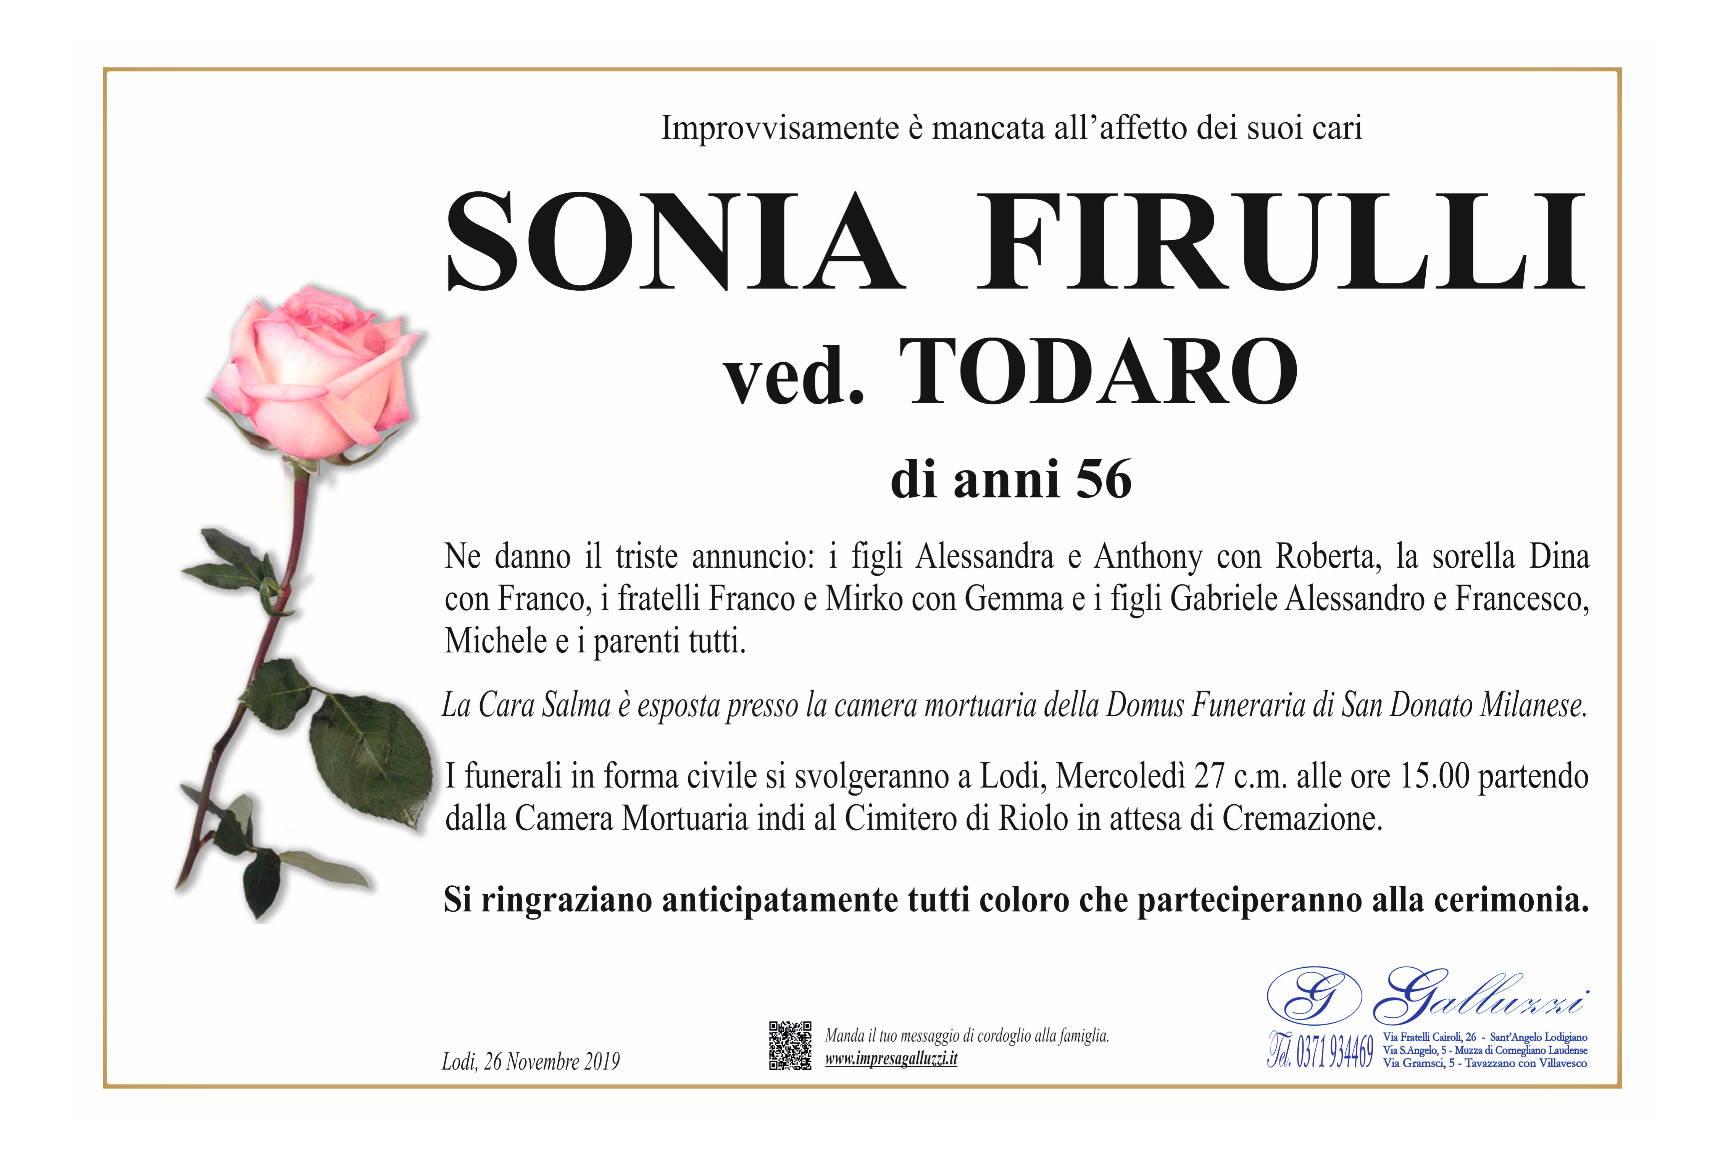 Sonia Firulli